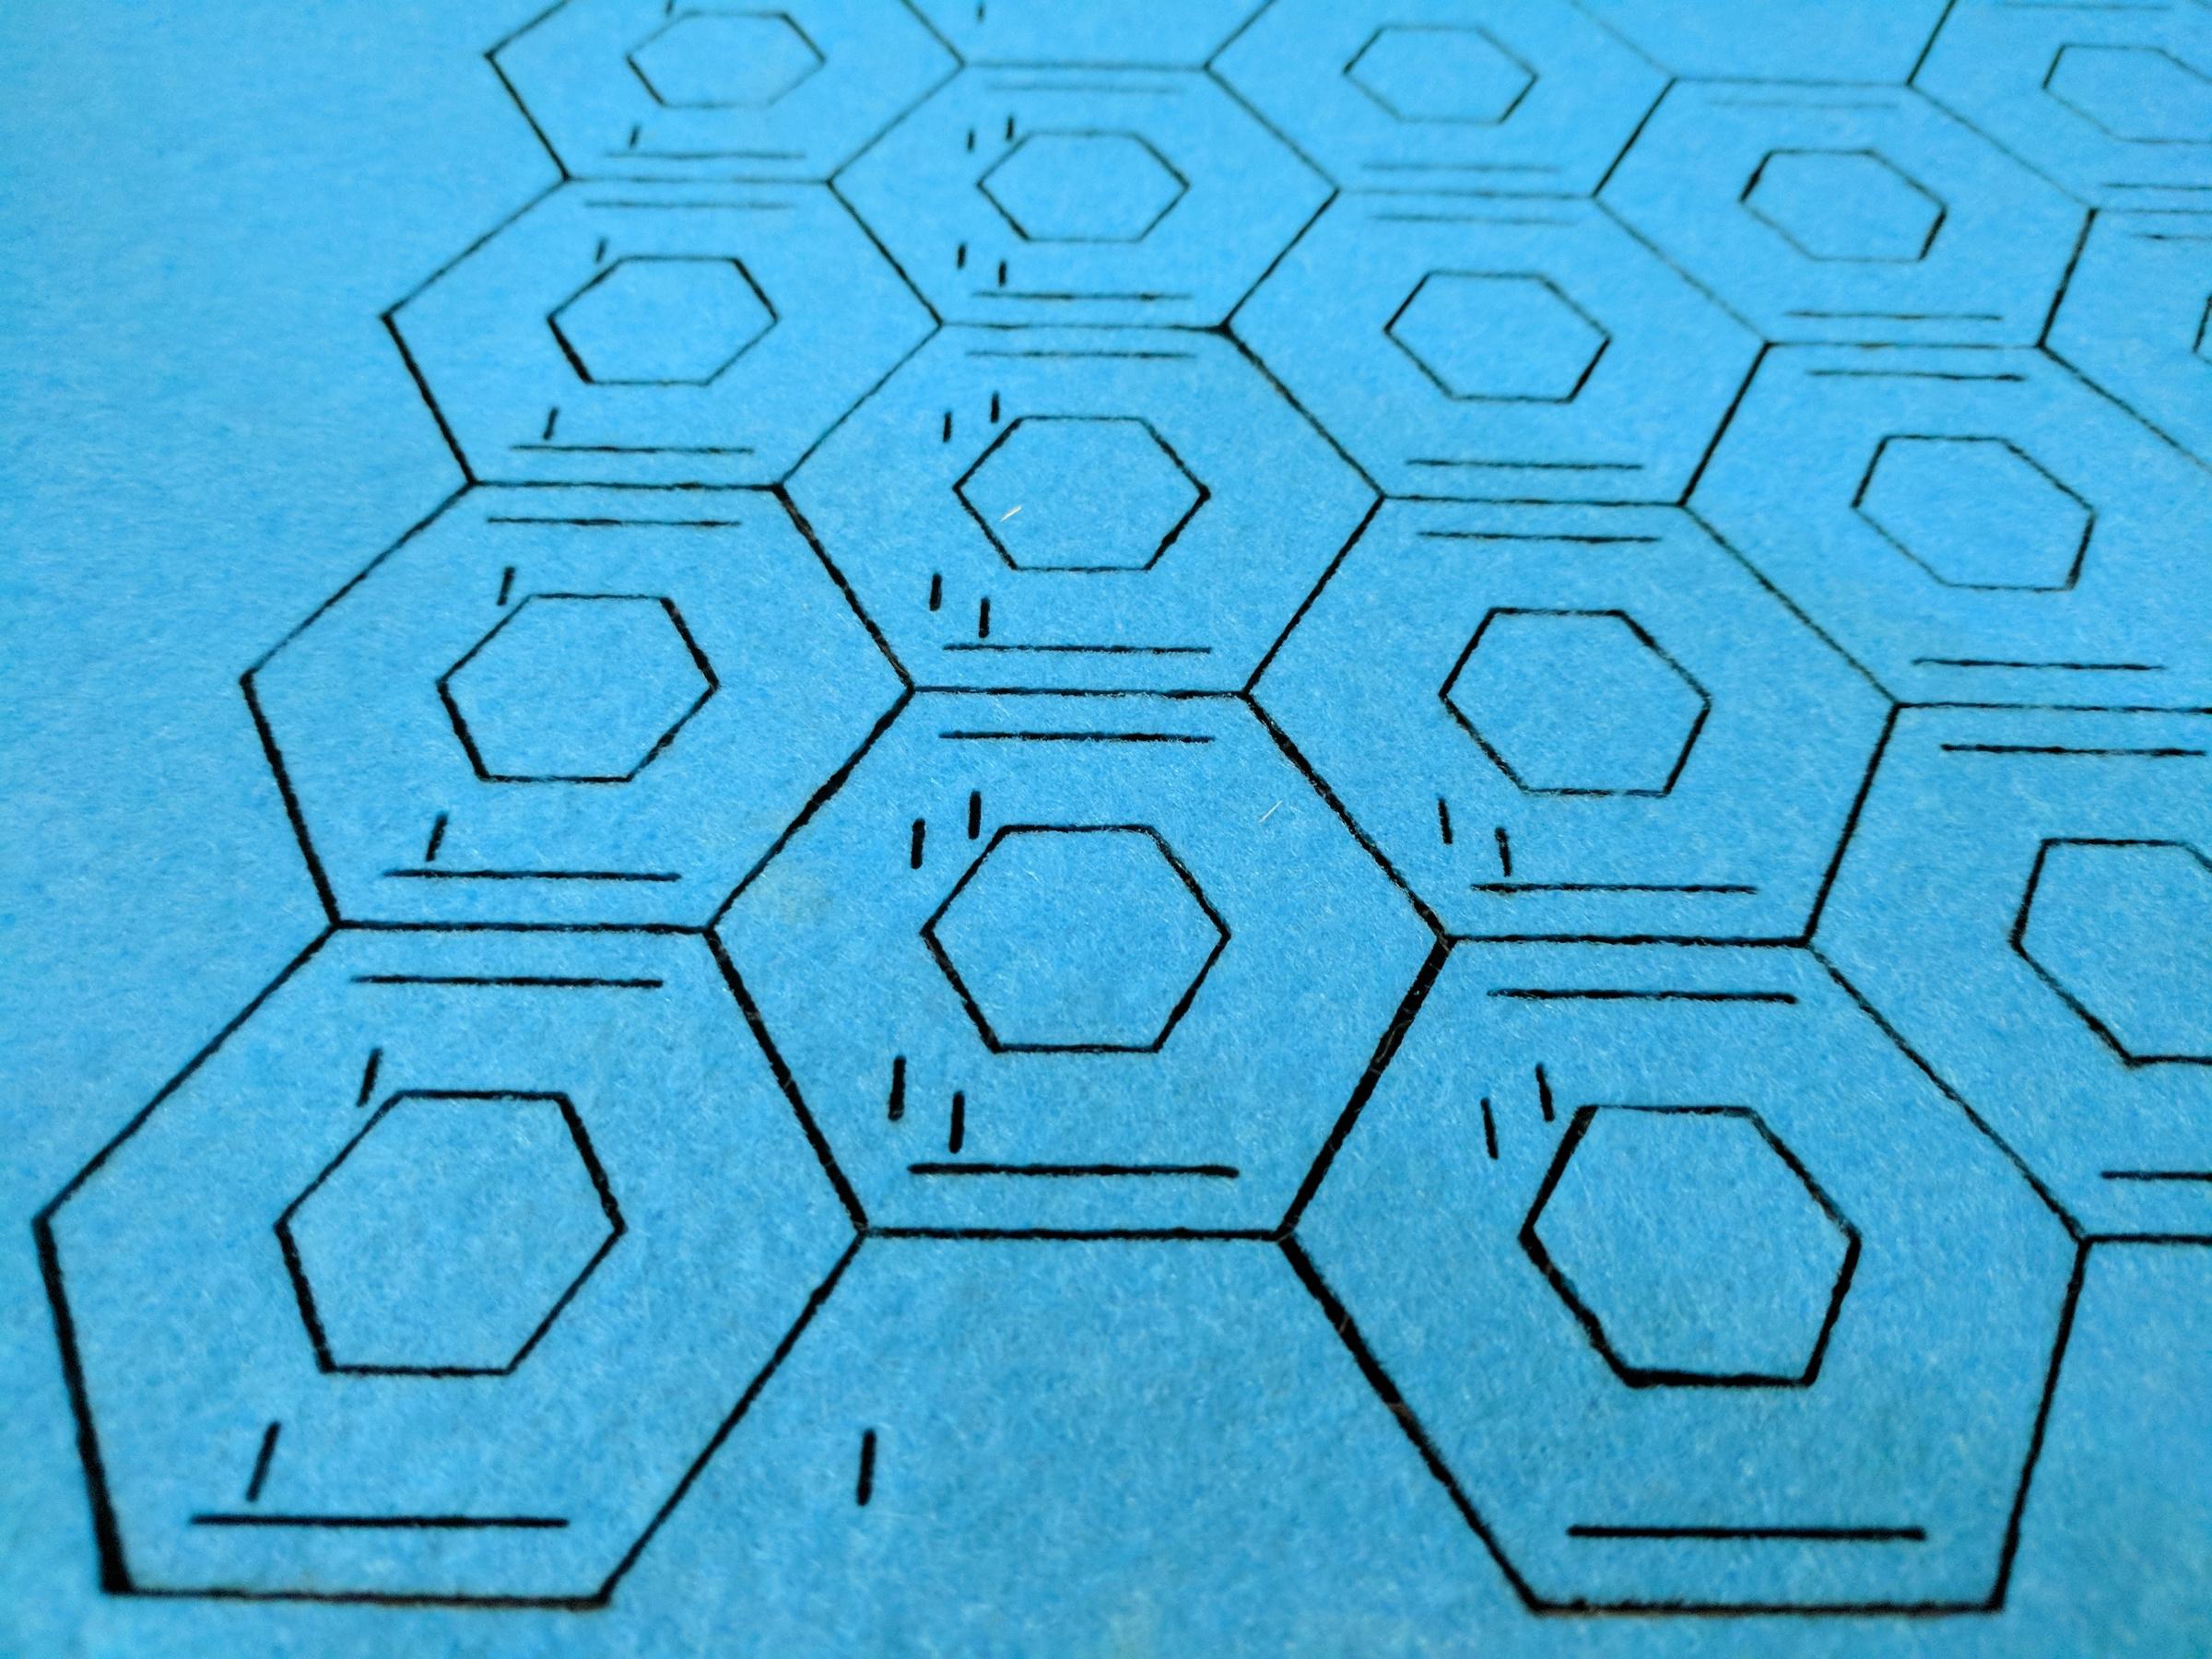 W3_Mistake hexagons.jpg